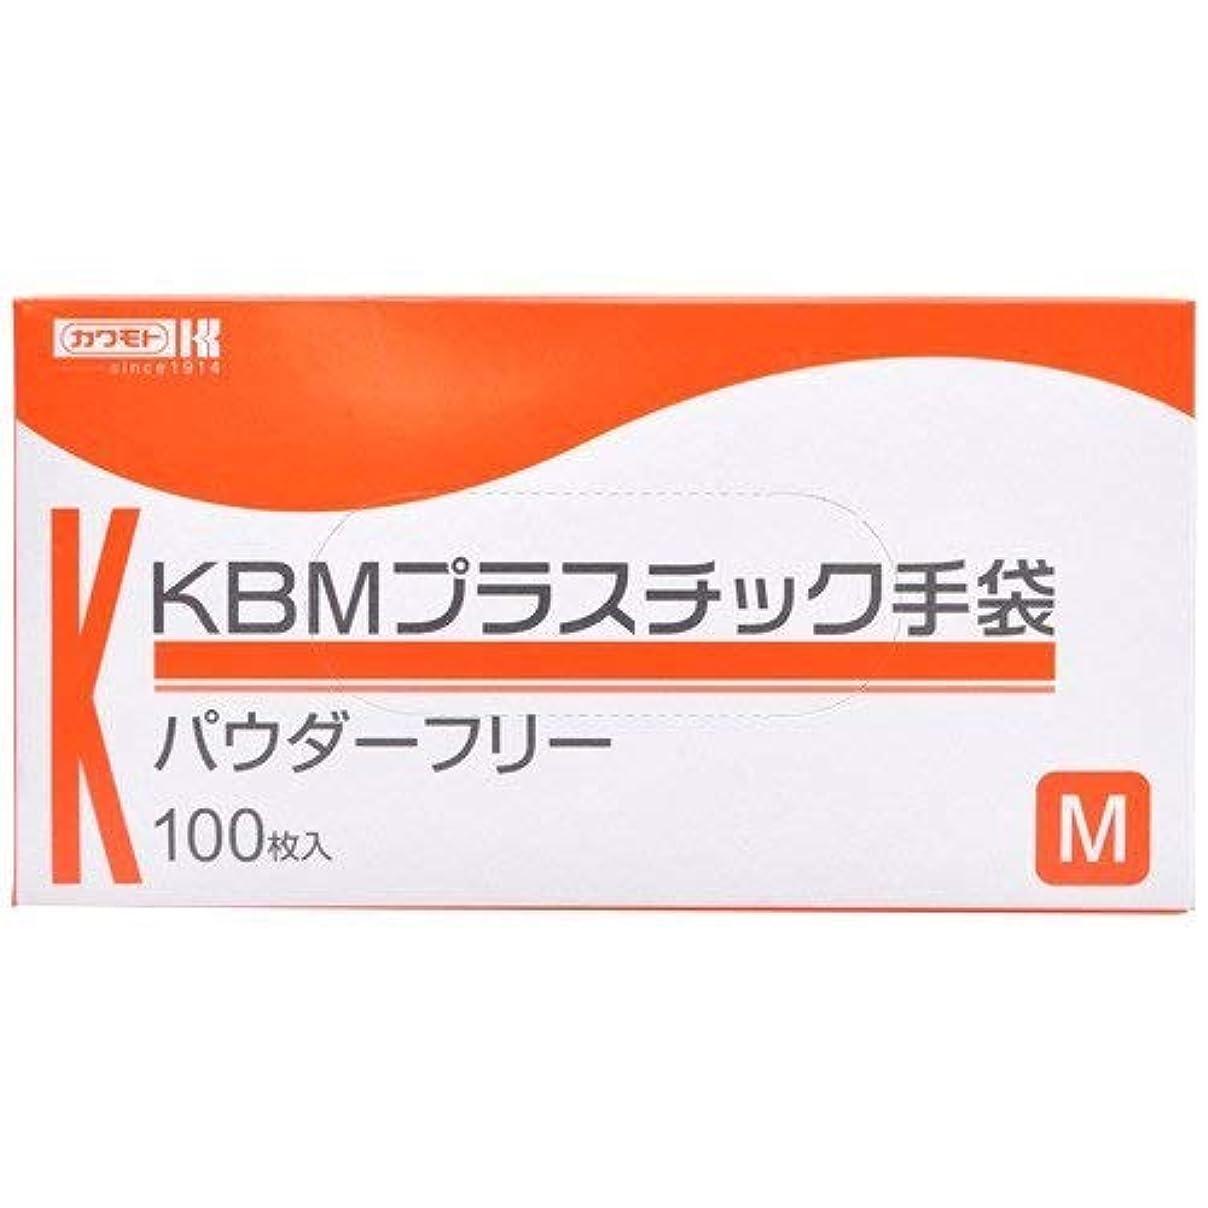 インド注文失礼な川本産業 KBMプラスチック手袋 パウダーフリー M 100枚入 ×2個